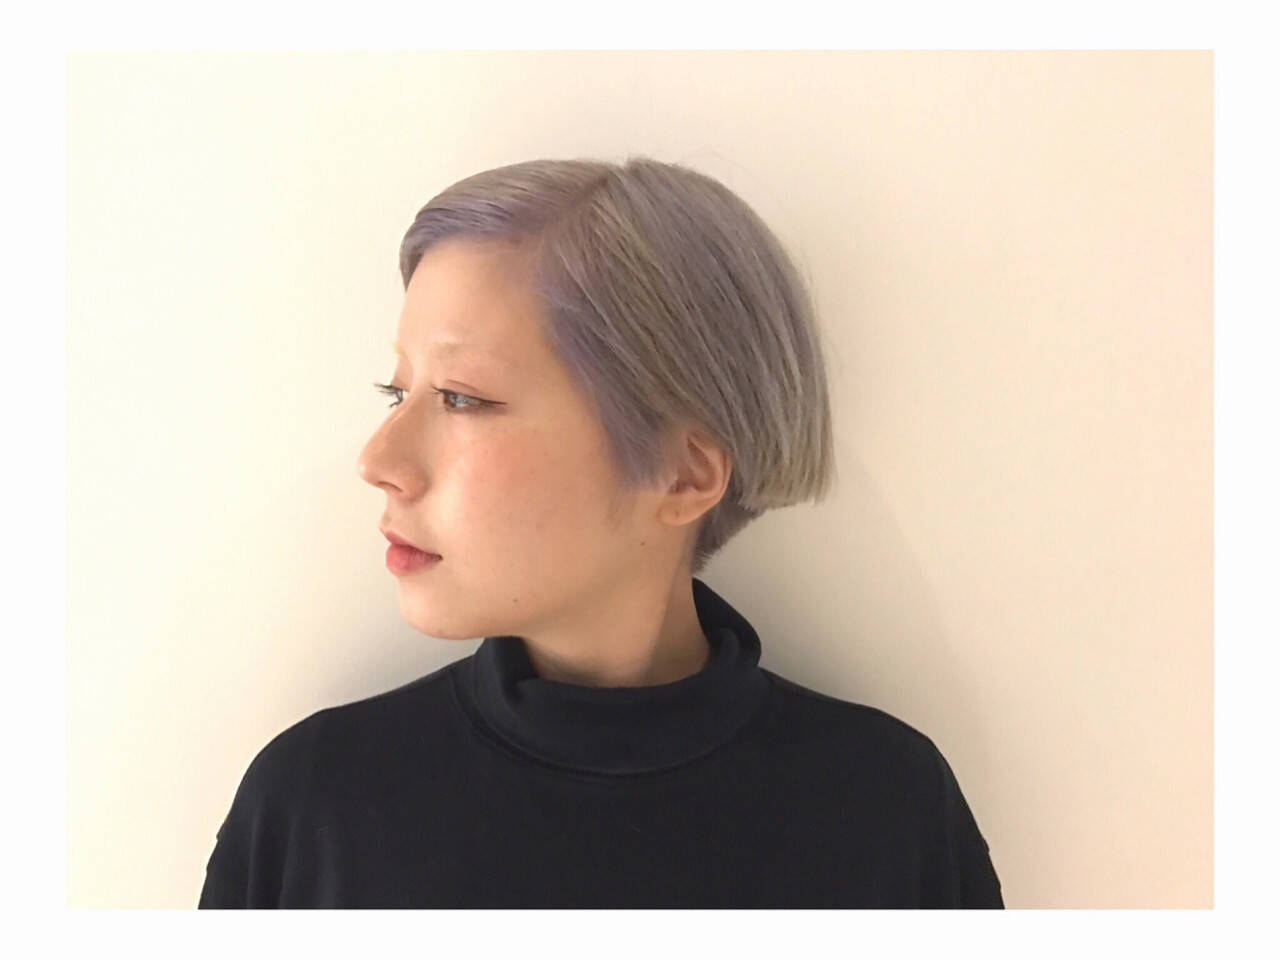 ホワイト モード ダブルカラー ショートボブヘアスタイルや髪型の写真・画像